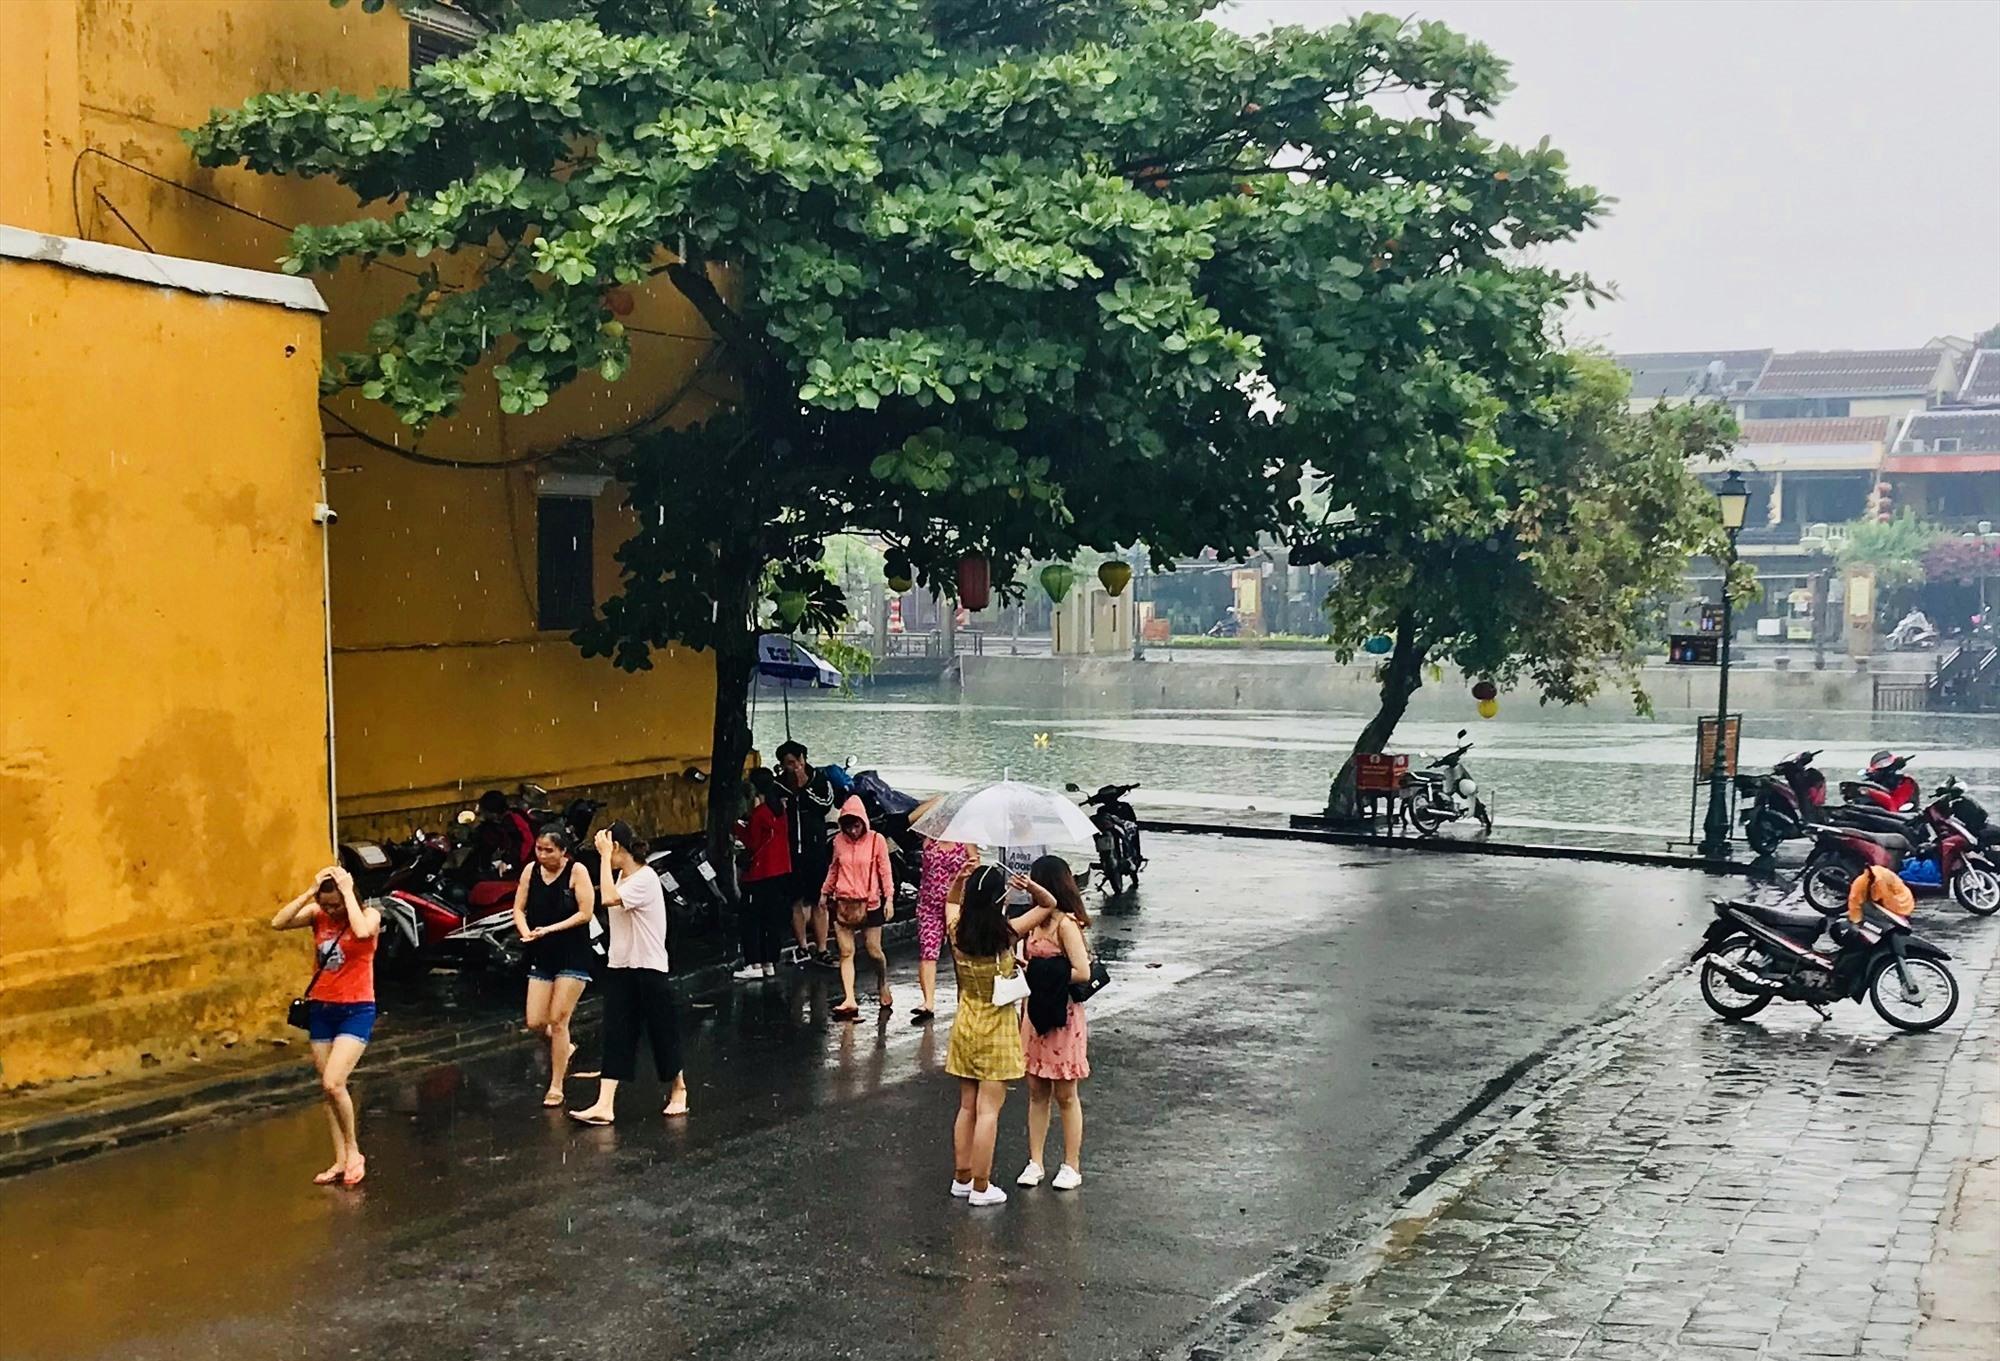 Thời tiết xấu kéo dài cũng khiến các điểm đến khó khăn trong việc thu hút khách nội địa. Ảnh: Q.T